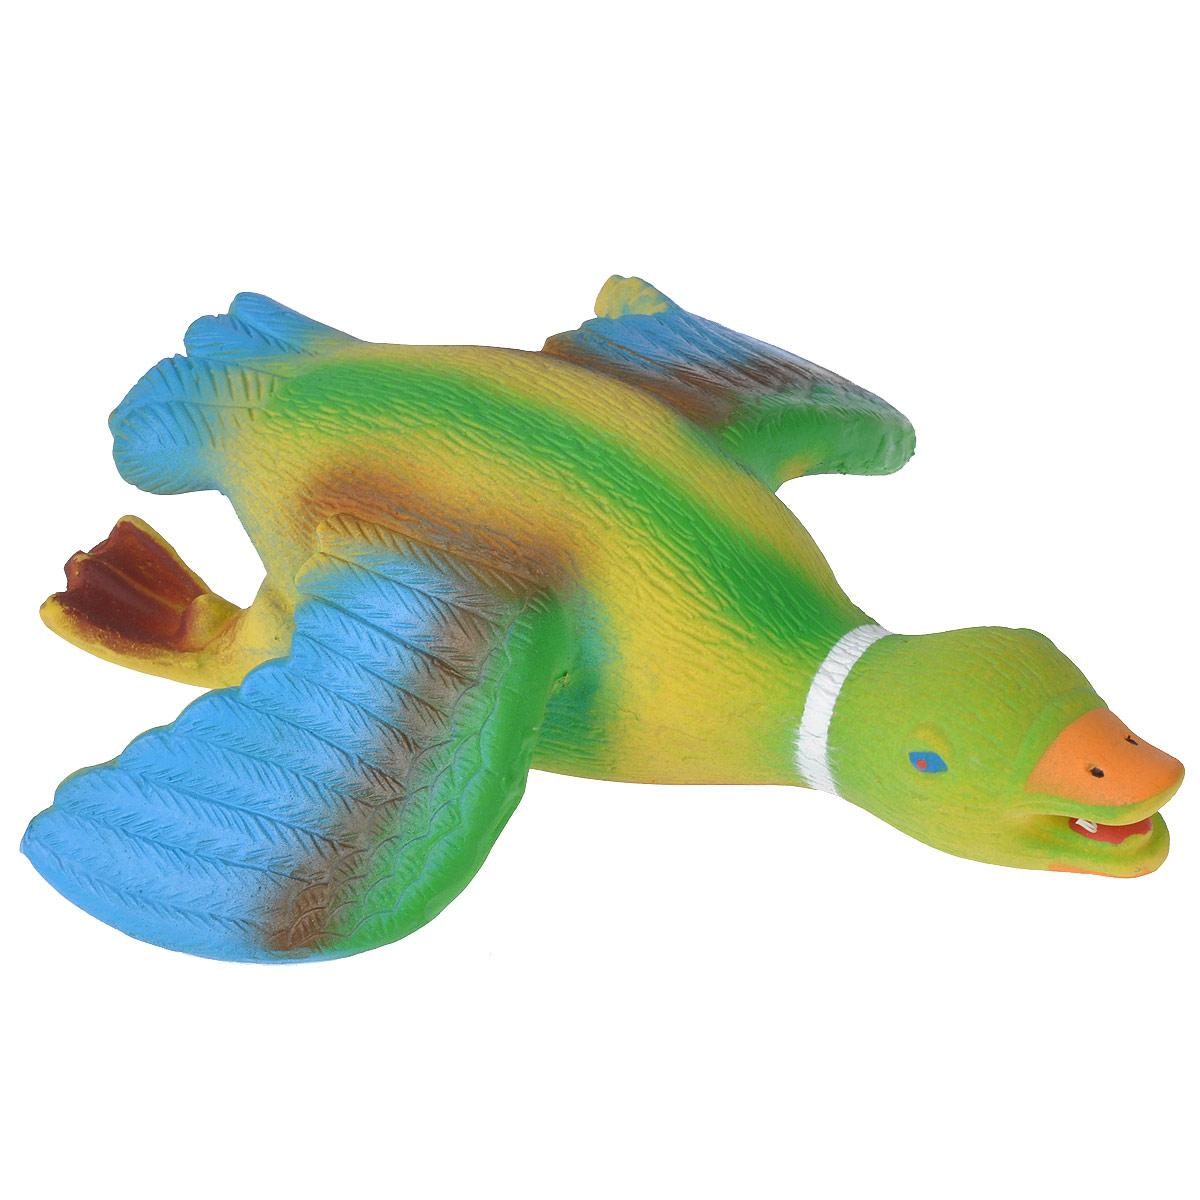 Игрушка для собак I.P.T.S. Утка с крыльями смеситель в виде утки